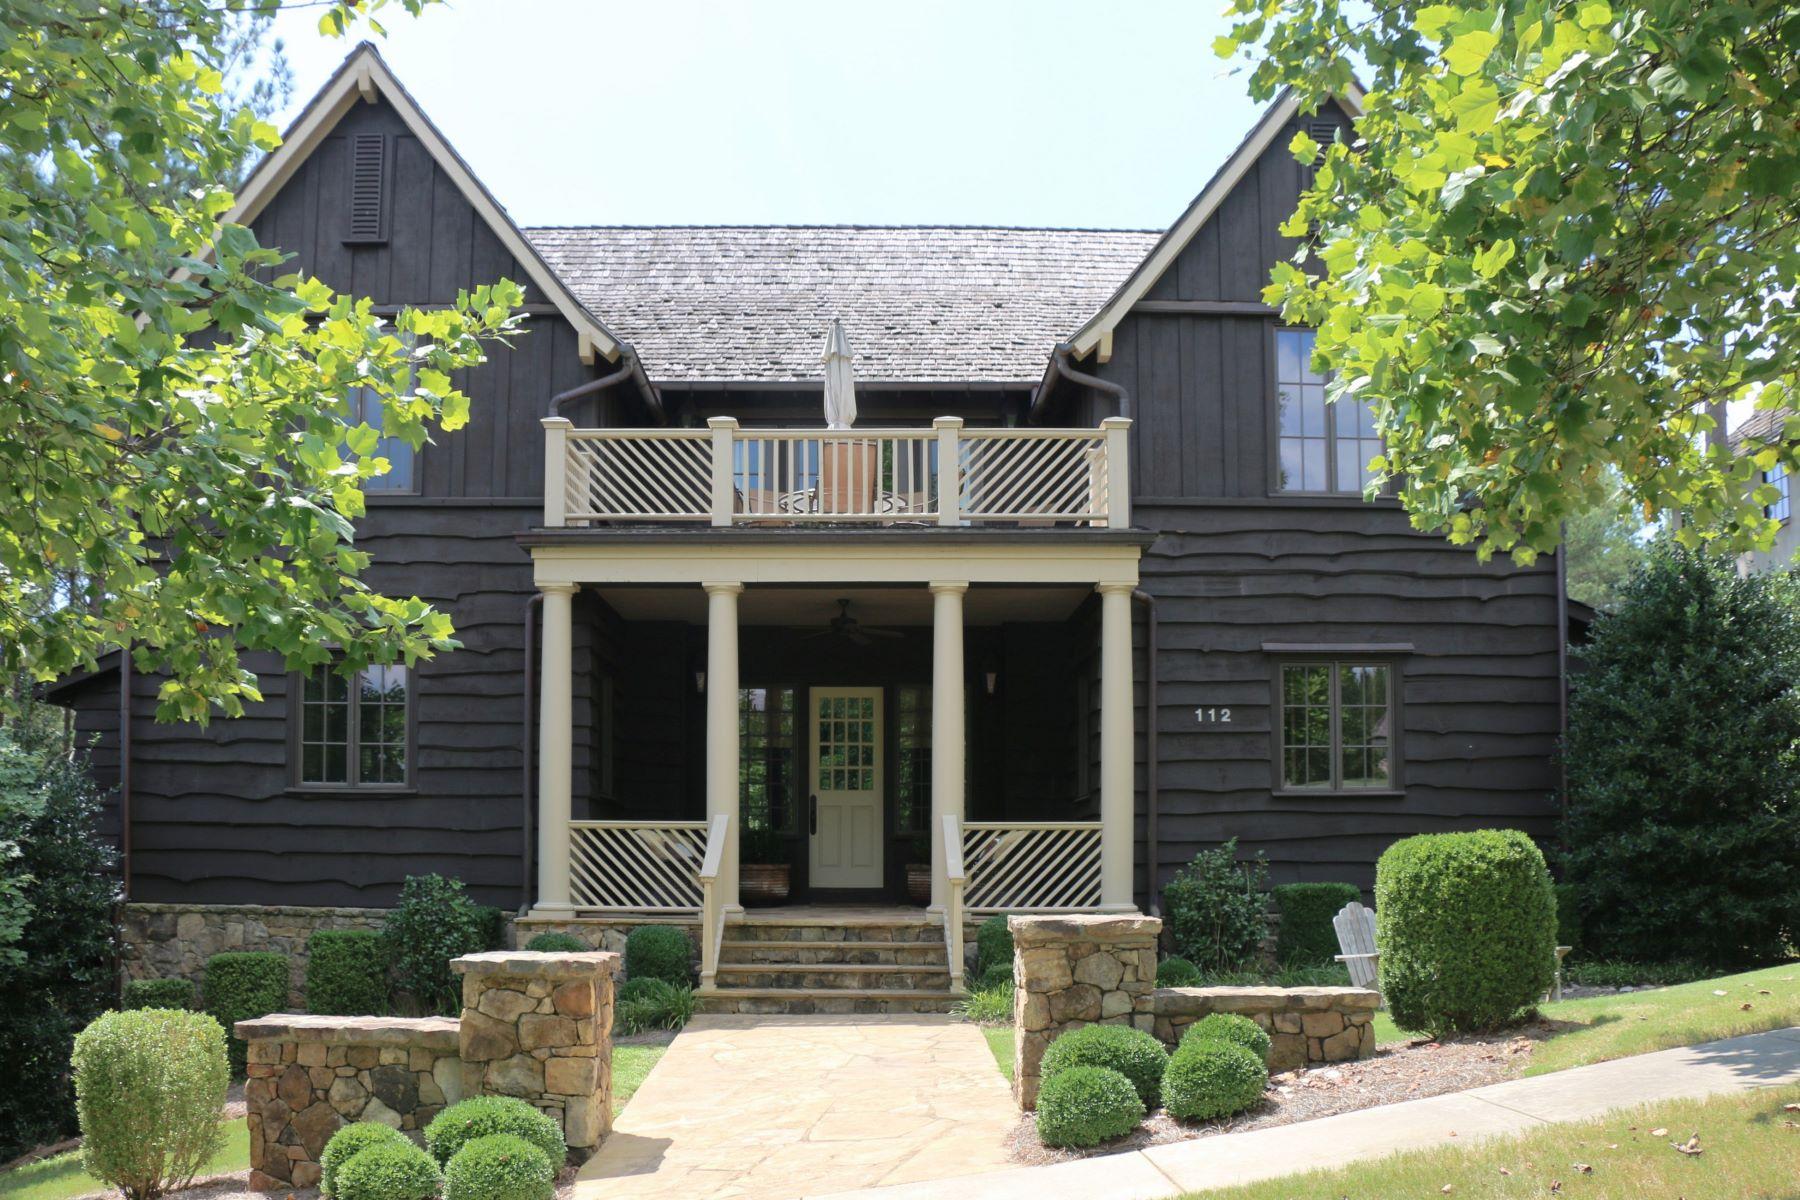 Einfamilienhaus für Verkauf beim Summerour's Finest Inspiration on the Great Lawn 112 S. Lawn Drive The Reserve At Lake Keowee, Sunset, South Carolina, 29685 Vereinigte Staaten